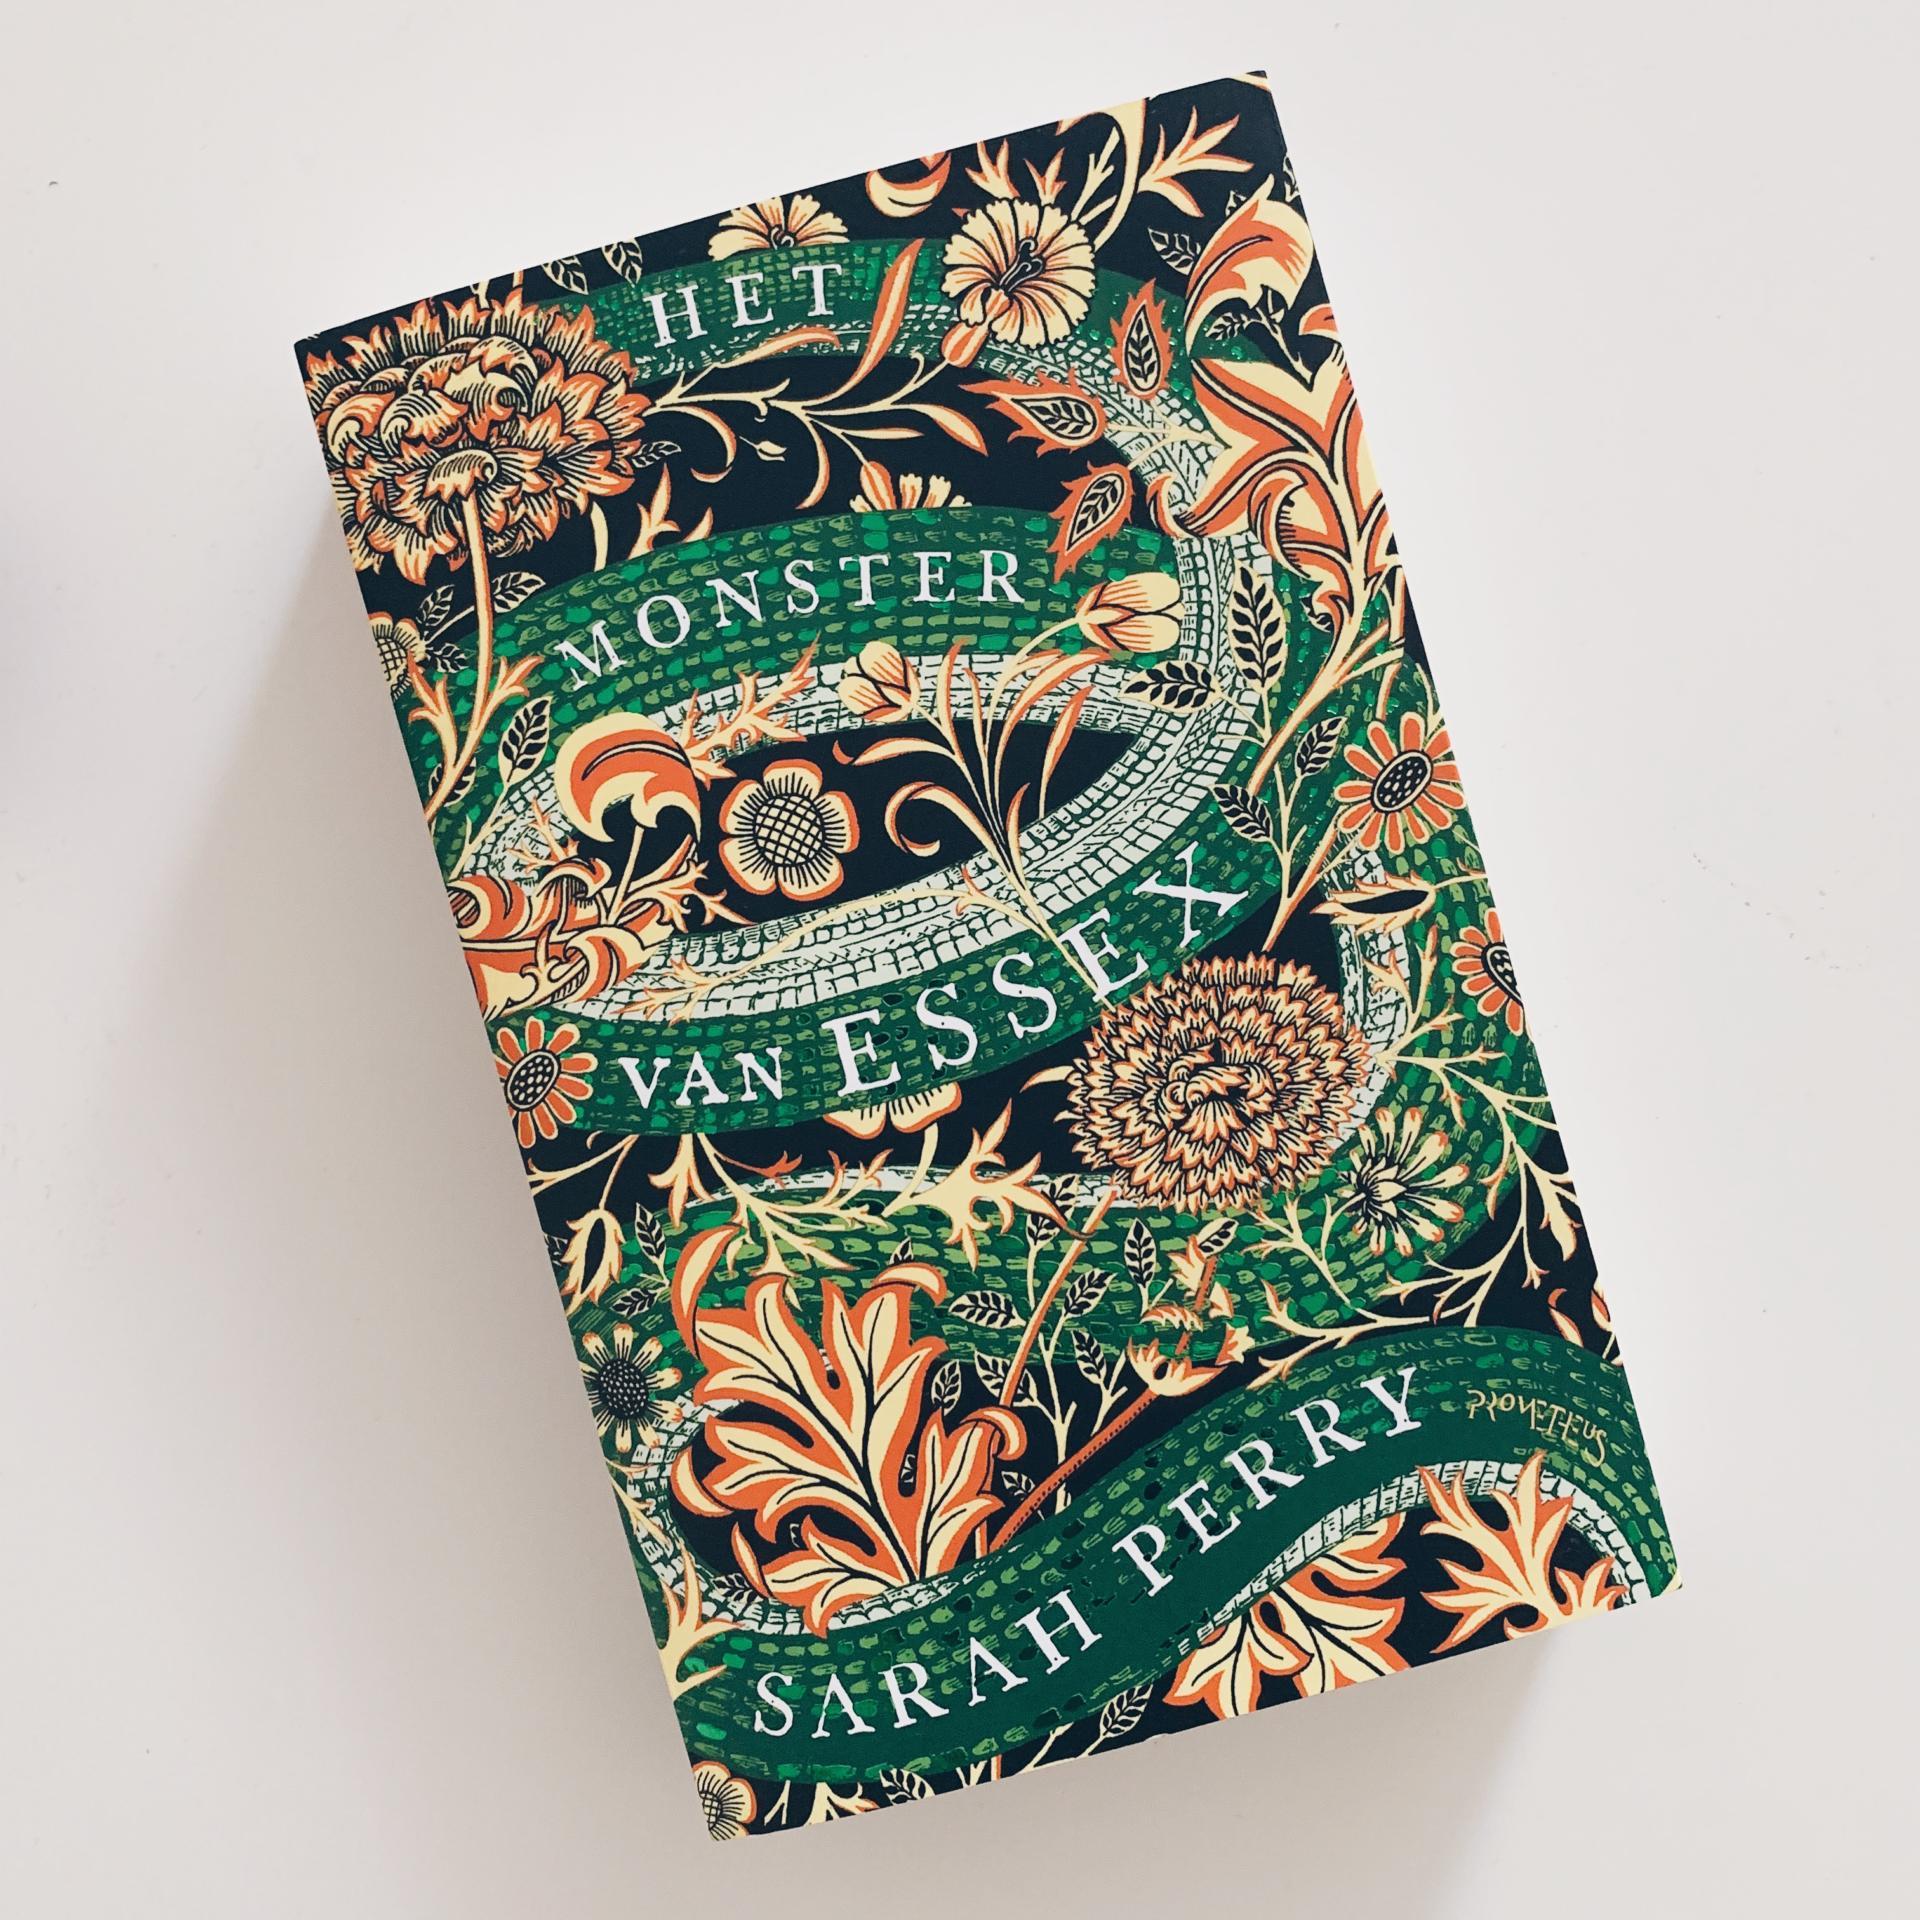 gelezen boeken oktober 2018